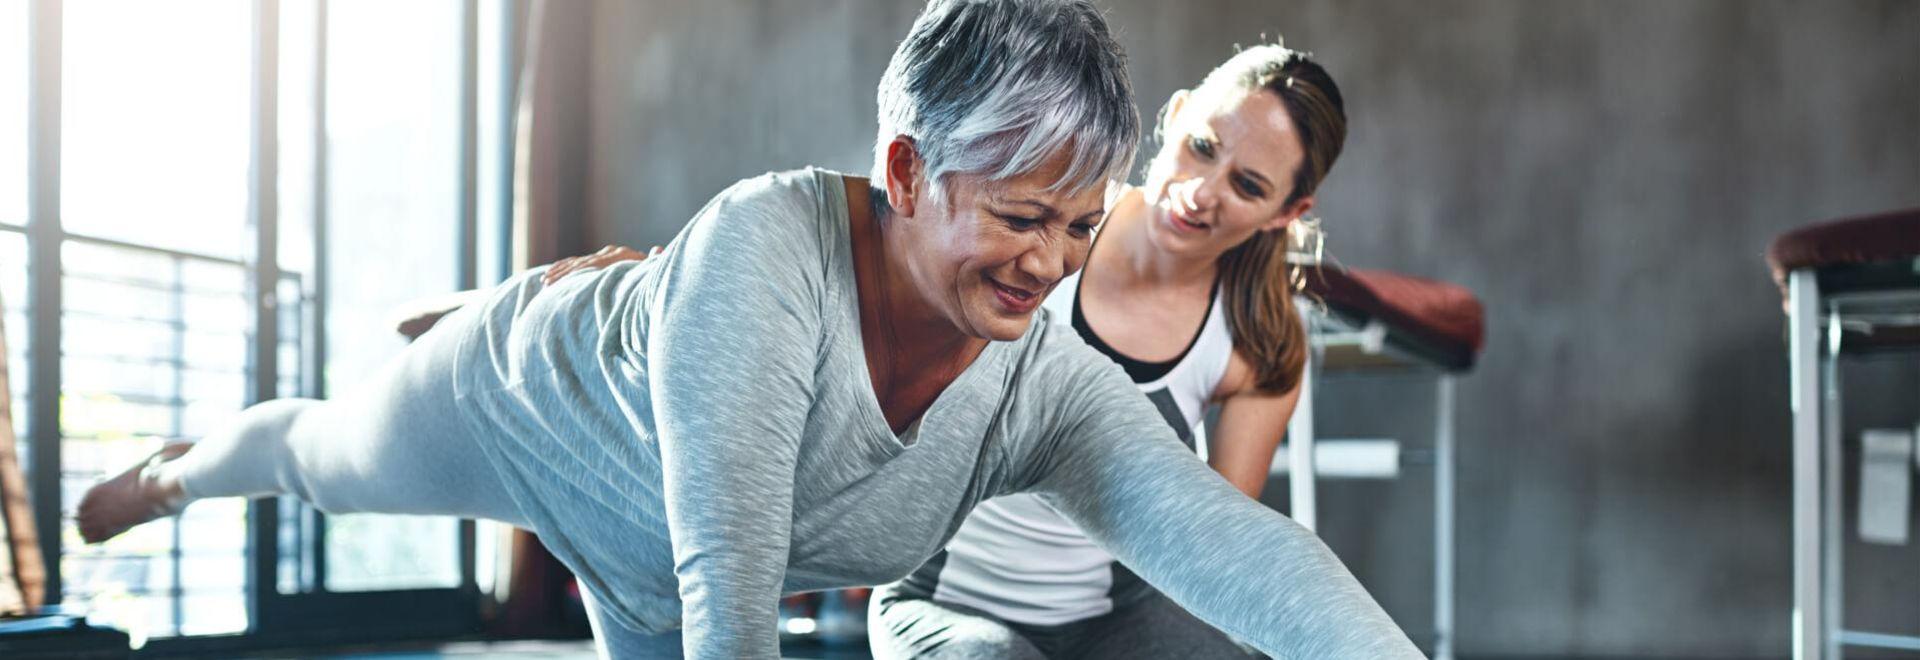 Strategien und Übungen zur Schmerzbewältigung erlernen